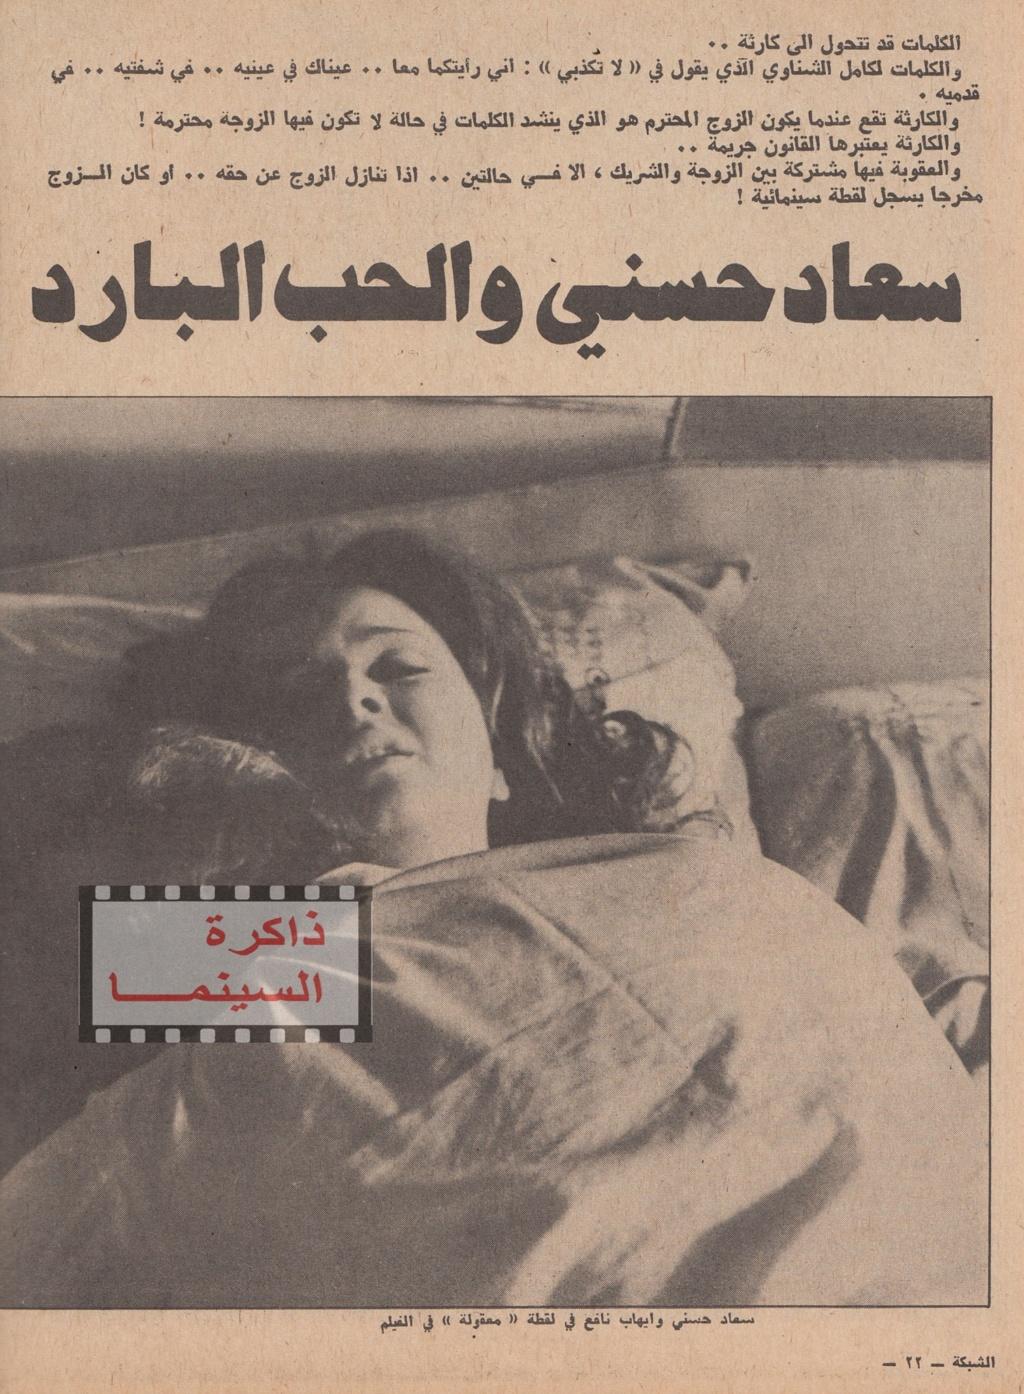 مقال - مقال صحفي : سعاد حسني والحب البارد 1972 م 1154